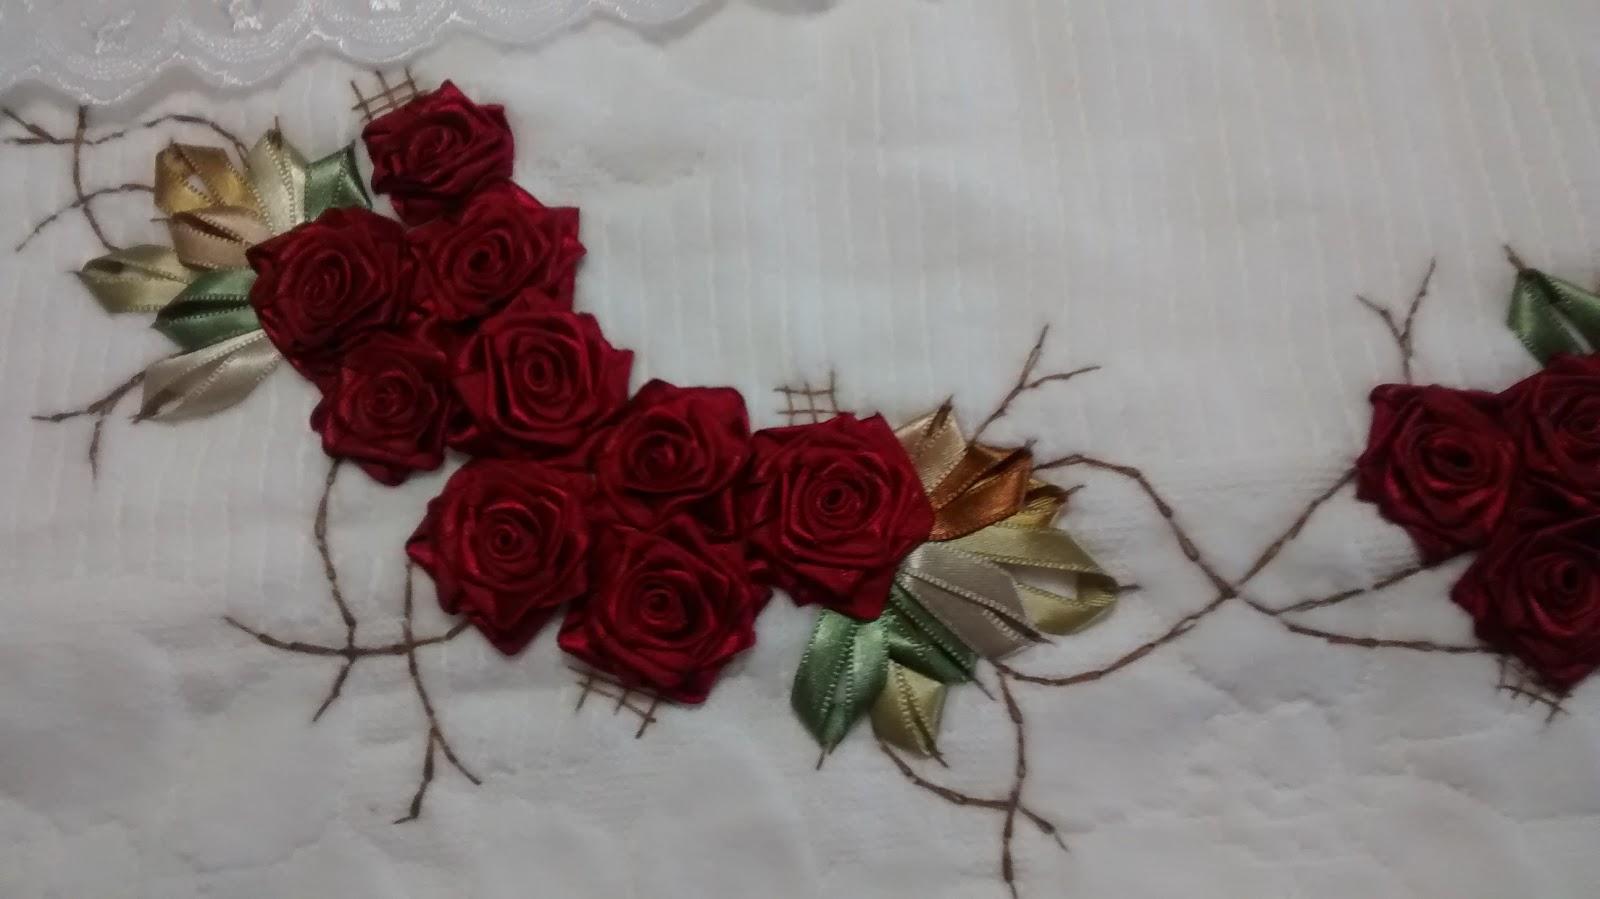 Armarinho Fernando Tatuape ~ LOY HANDCRAFTS, TOWELS EMBROYDERED WITH SATIN RIBBON ROSES CONJUNTO DE TOALHAS BANHO E ROSTO